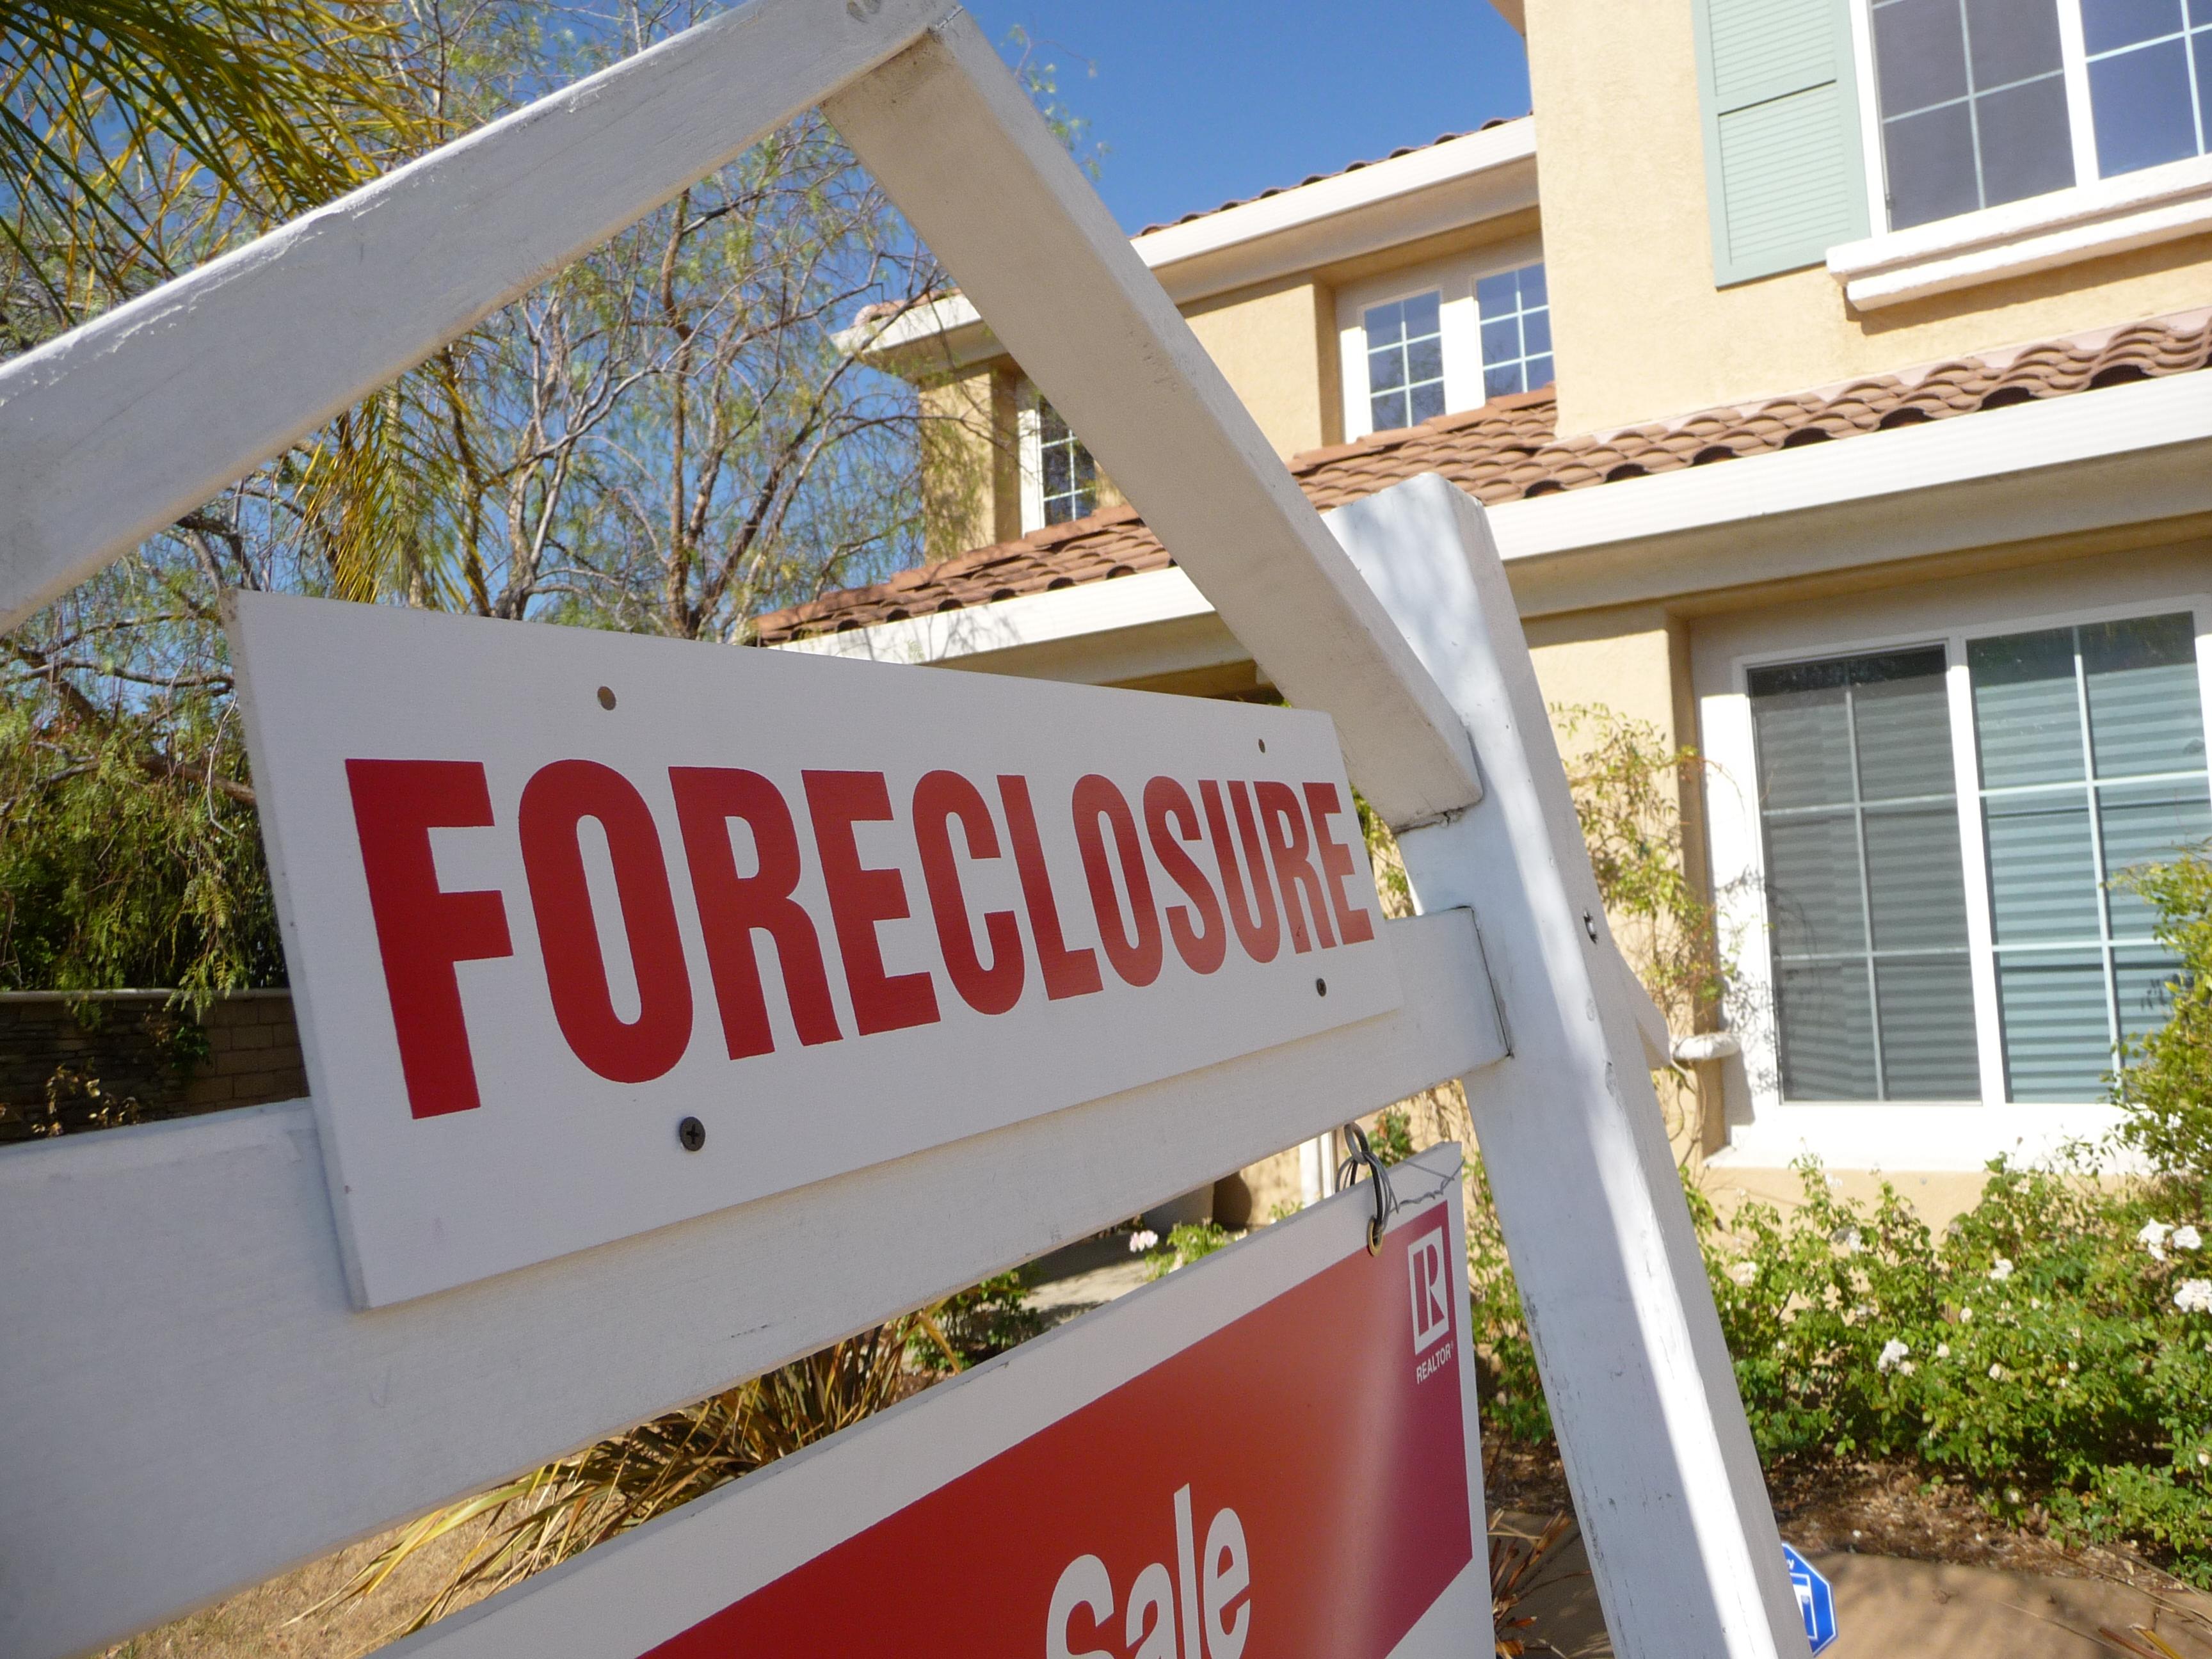 Foreclosure 3-16